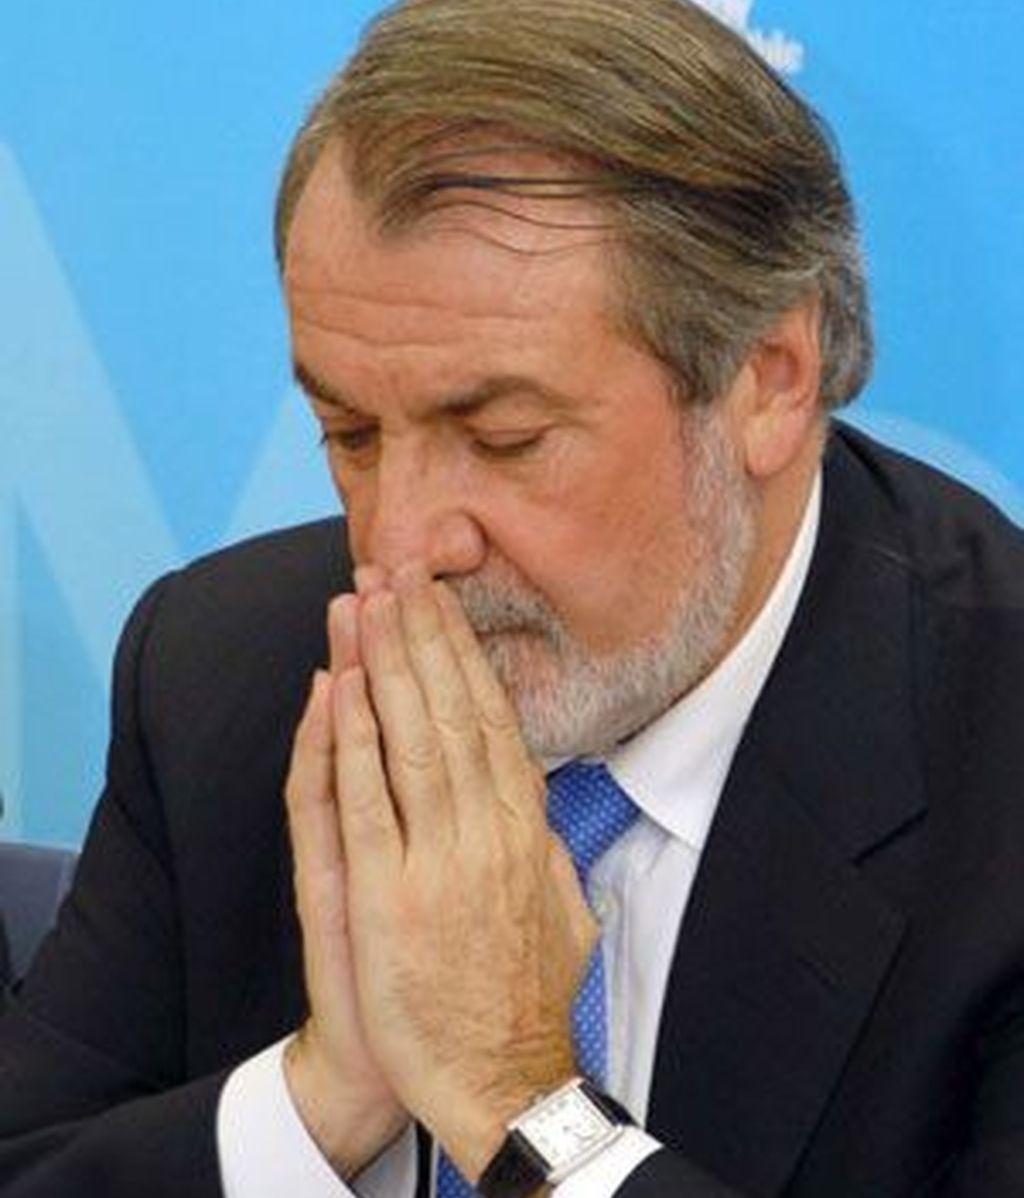 Mayor Oreja repetirá como cabeza de lista. Vídeo: INFORMATIVOS TELECINCO